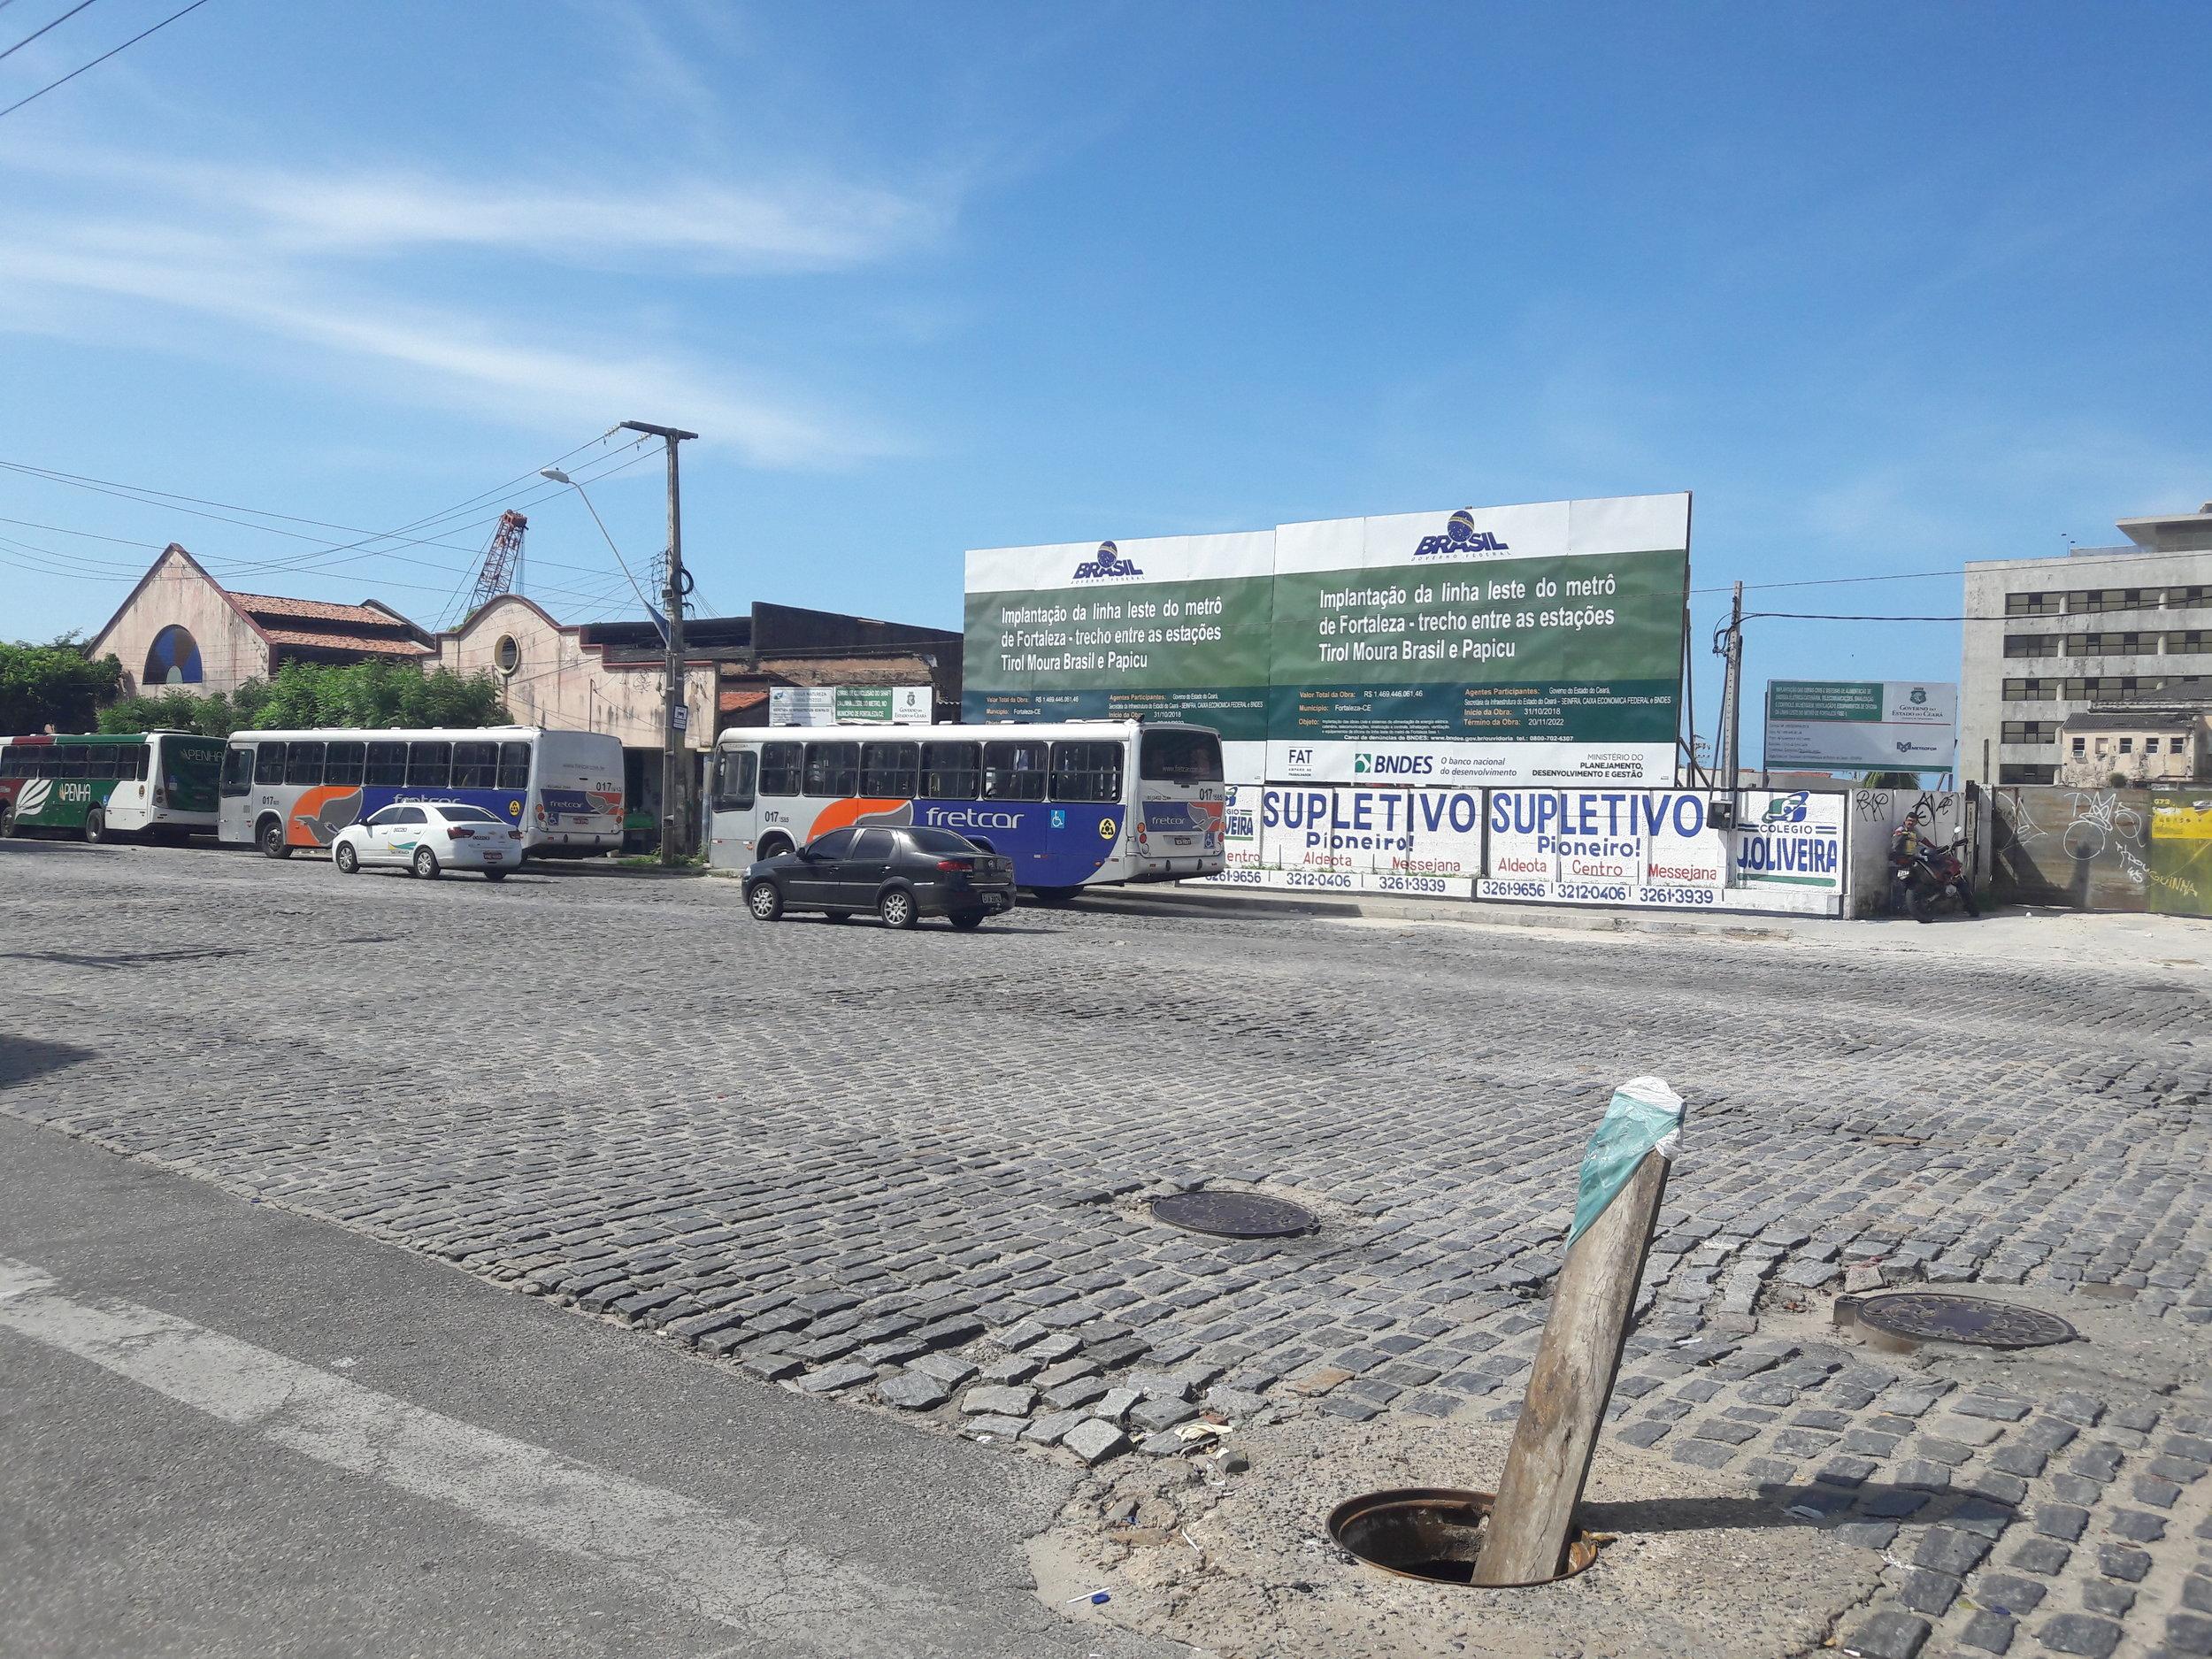 Přerušená stavba žluté linky mezi stanicemi Chico da Silva a Sé.